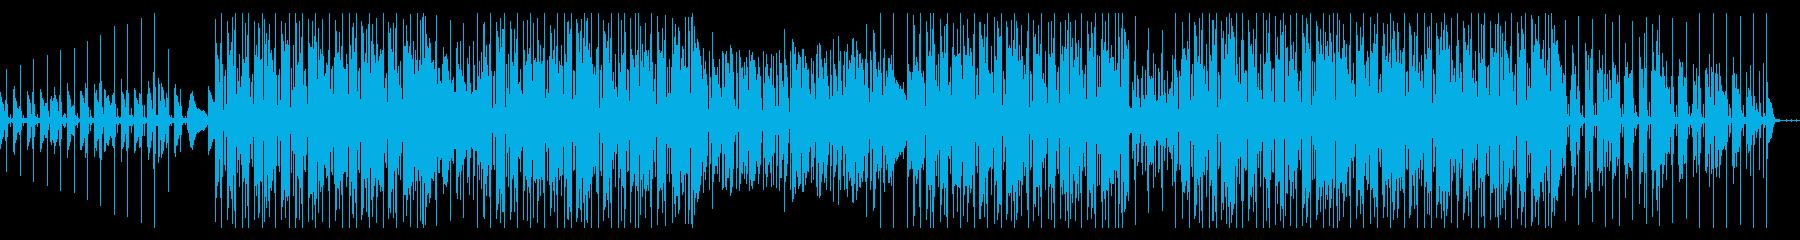 おしゃれでレトロなHIPHOP BGMの再生済みの波形